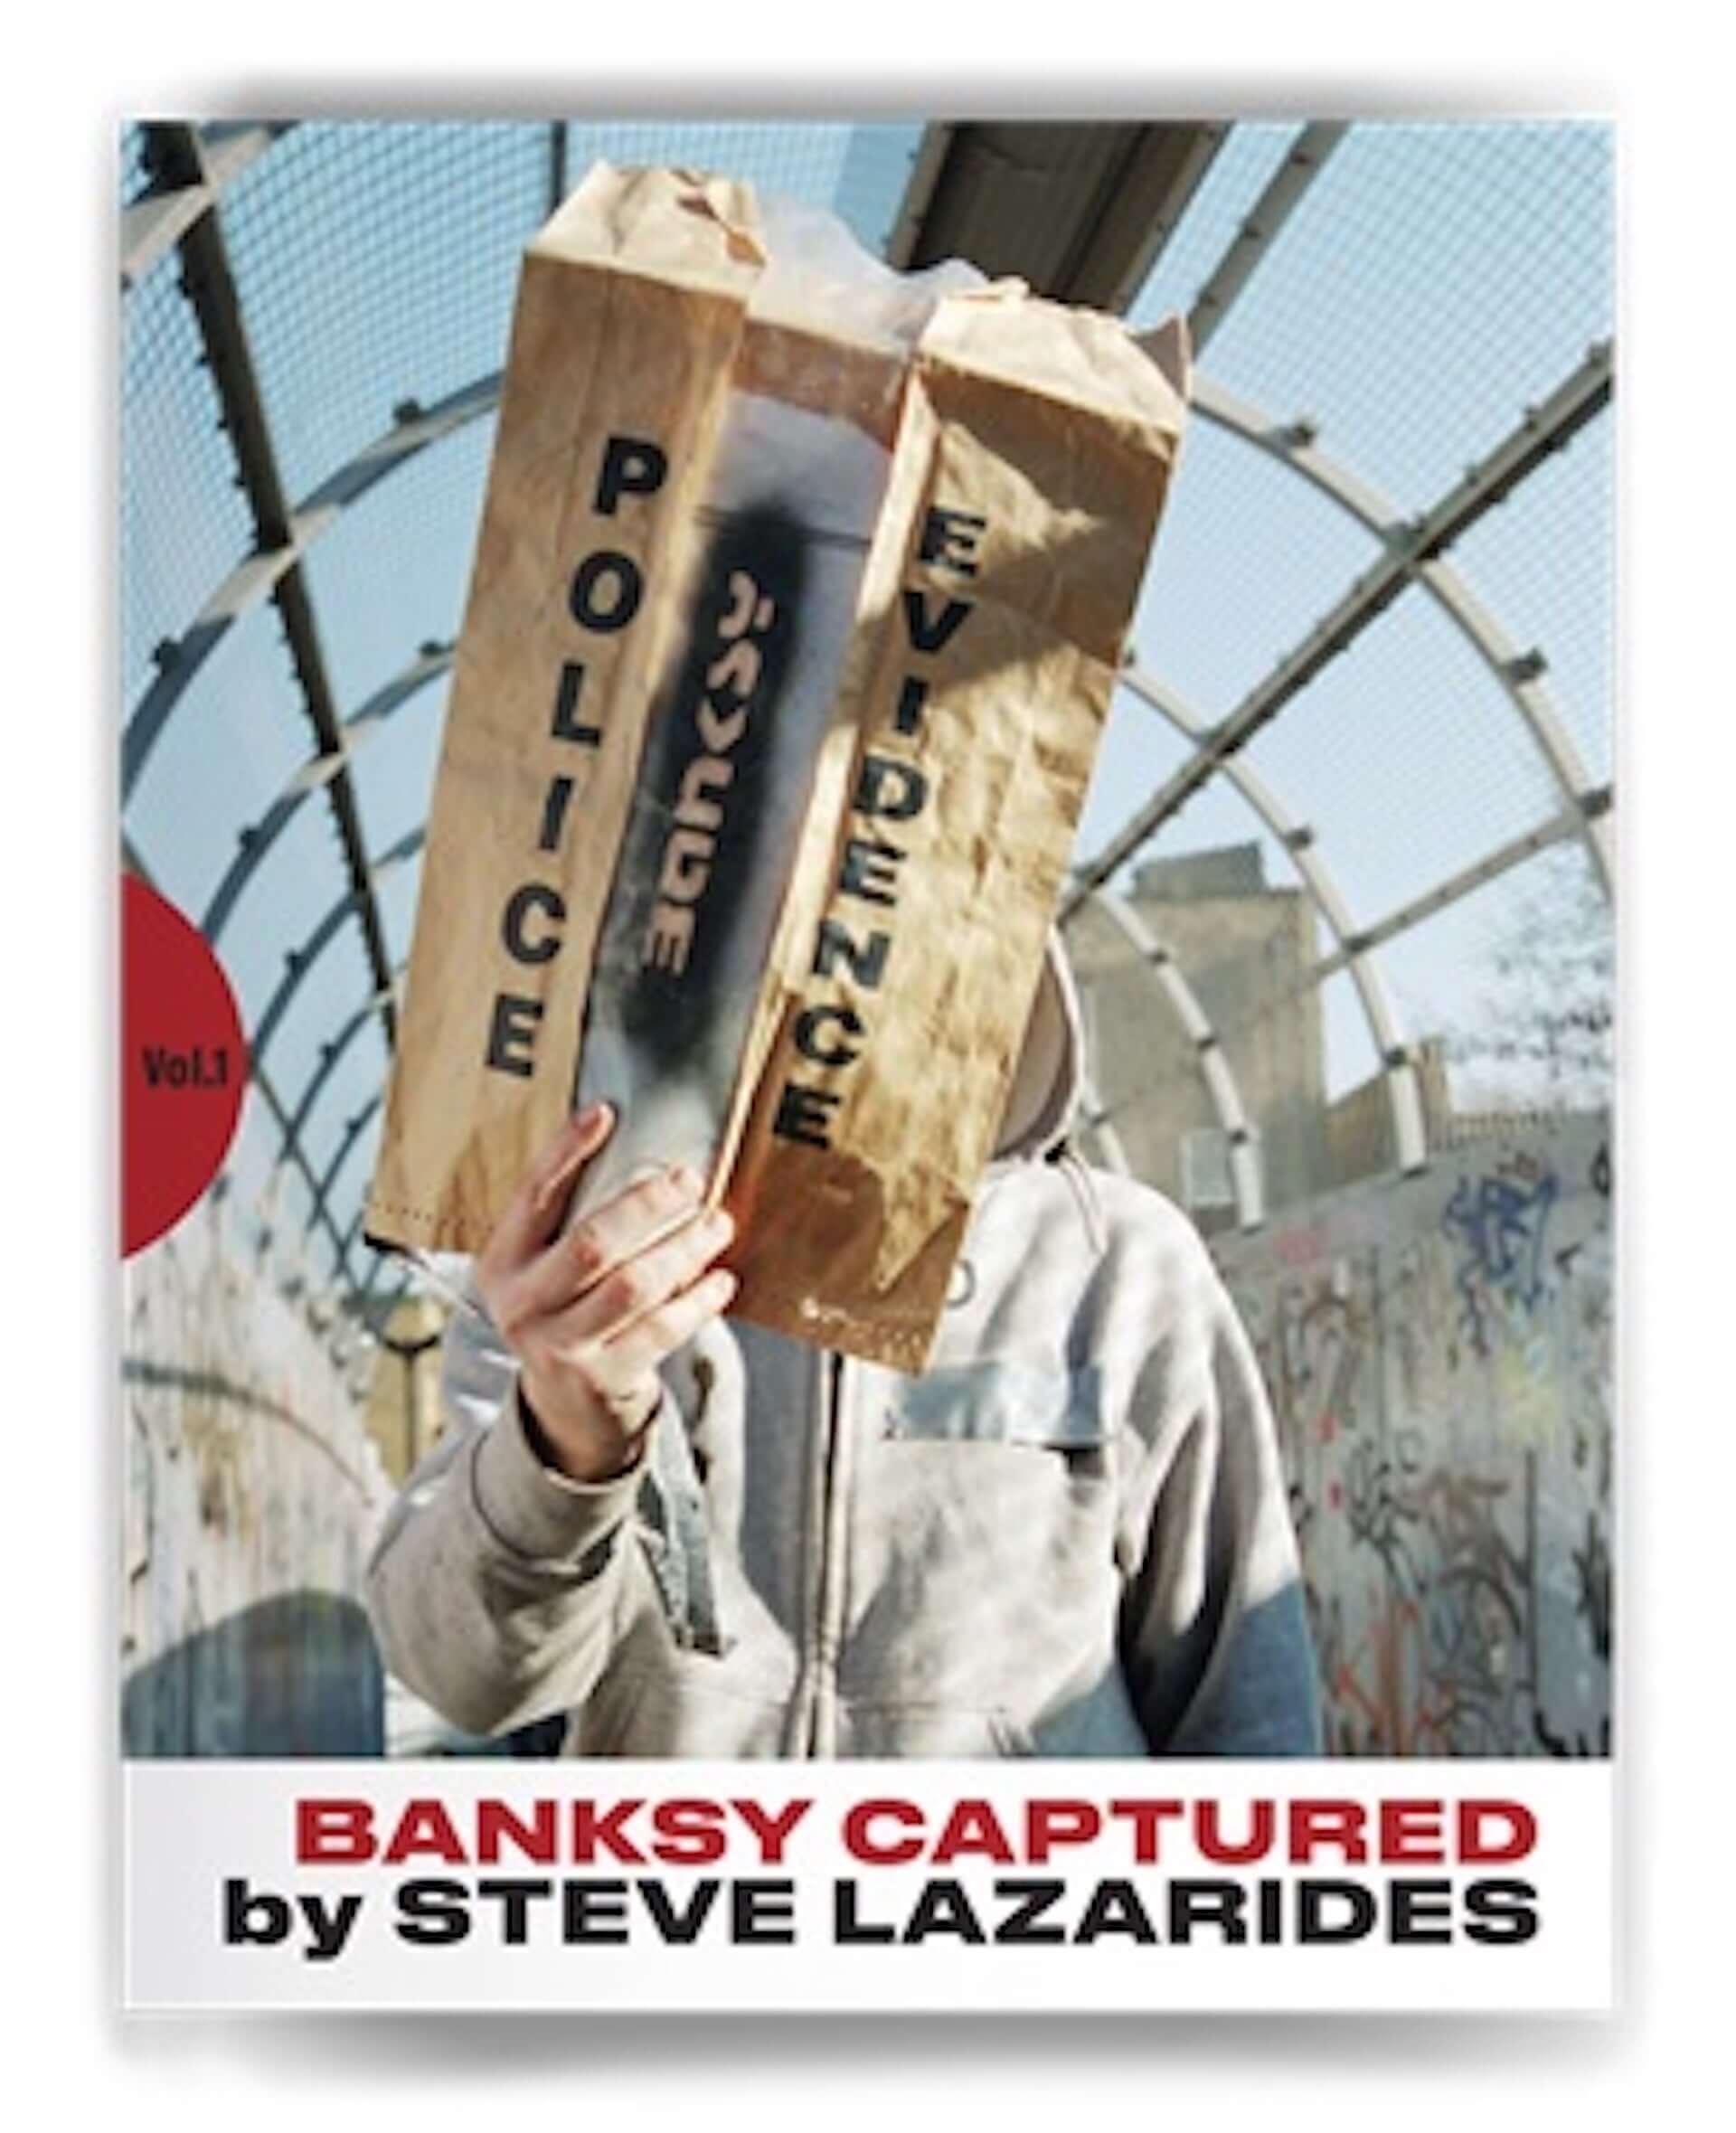 バンクシーの姿をとらえた20,000部限定の作品集『BANKSY CAPTURED』が発売|作品プレゼントキャンペーンも art200515_banksy_captured_3-1920x2359